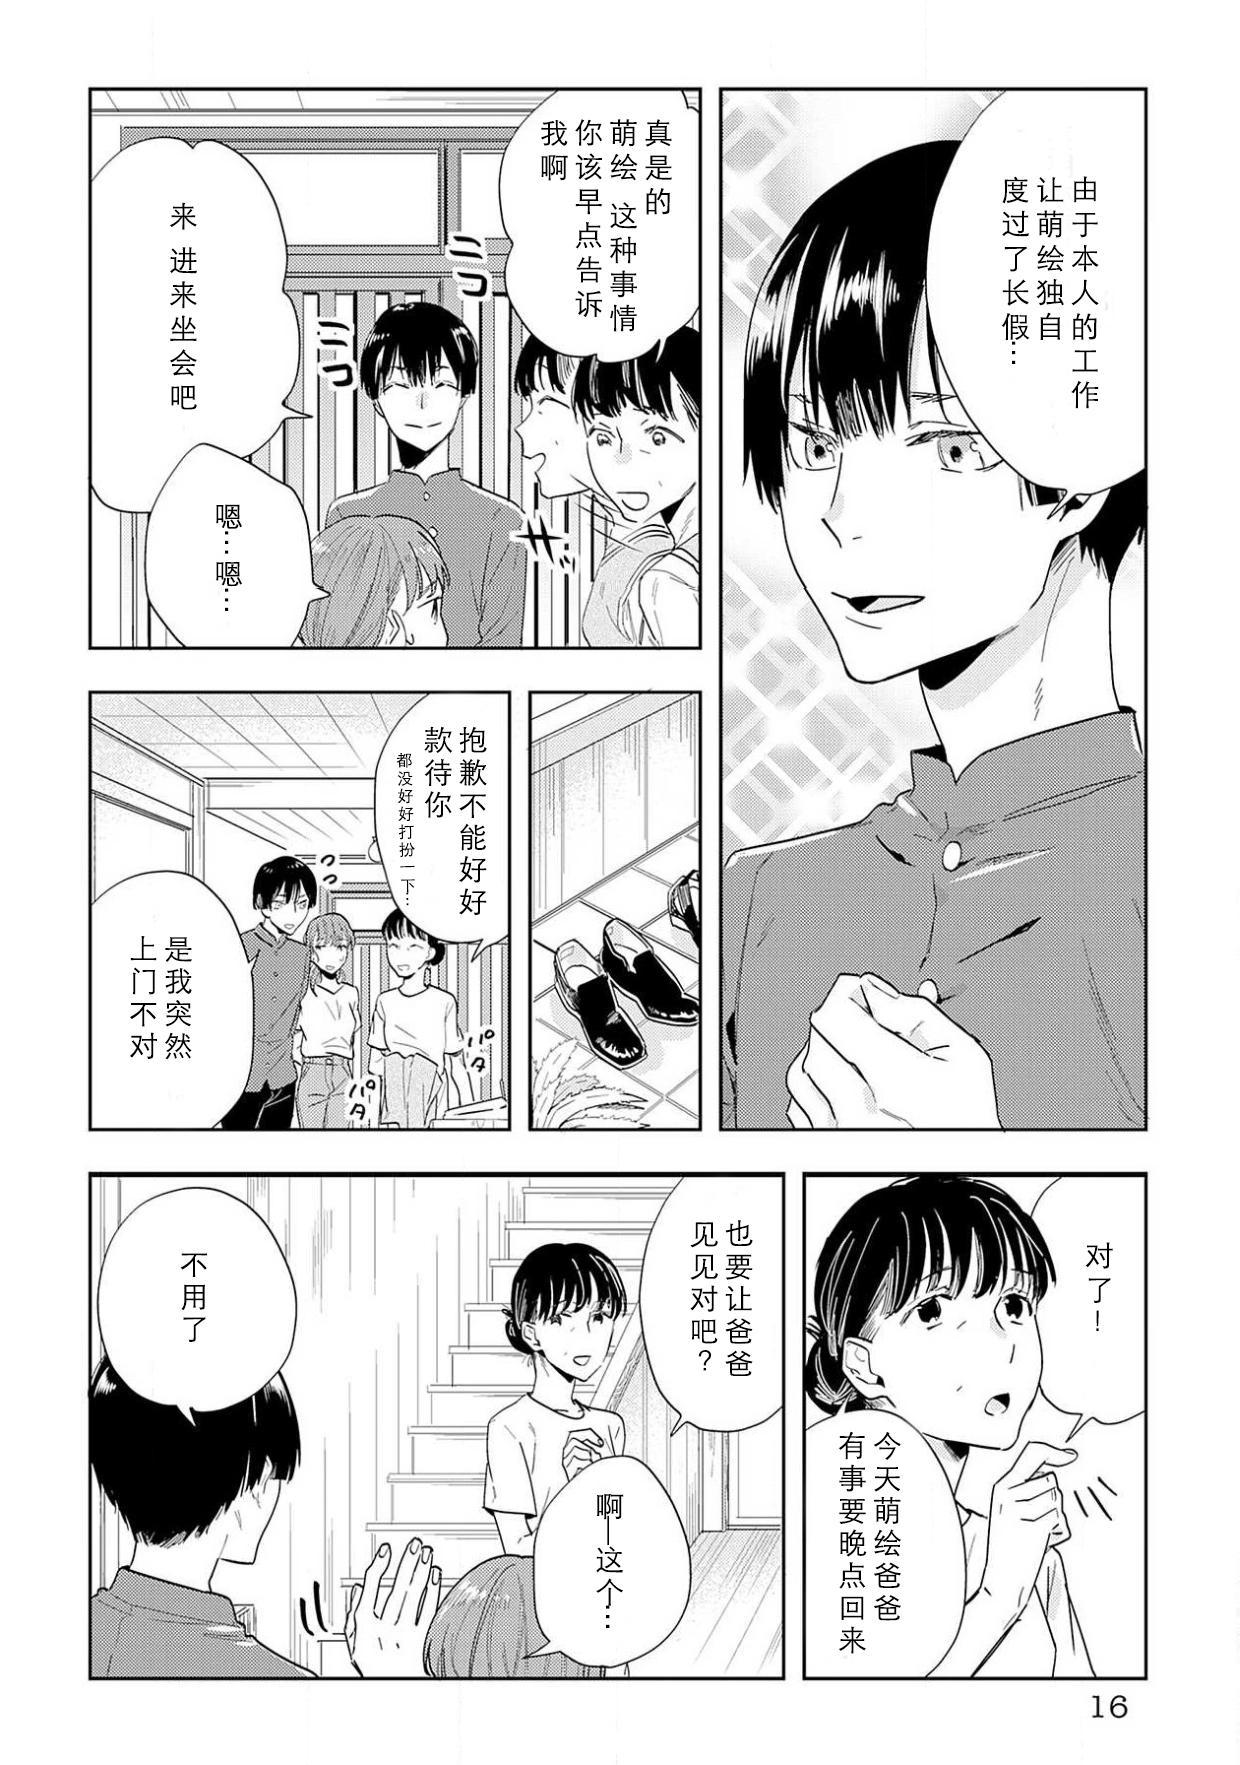 [Hachikawa Kyuu] Kami-sama to Ikenie H Keiyaku Shichaimashita | 我与神明大人签订了祭品H契约 1-3 [Chinese] [莉赛特汉化组] 14